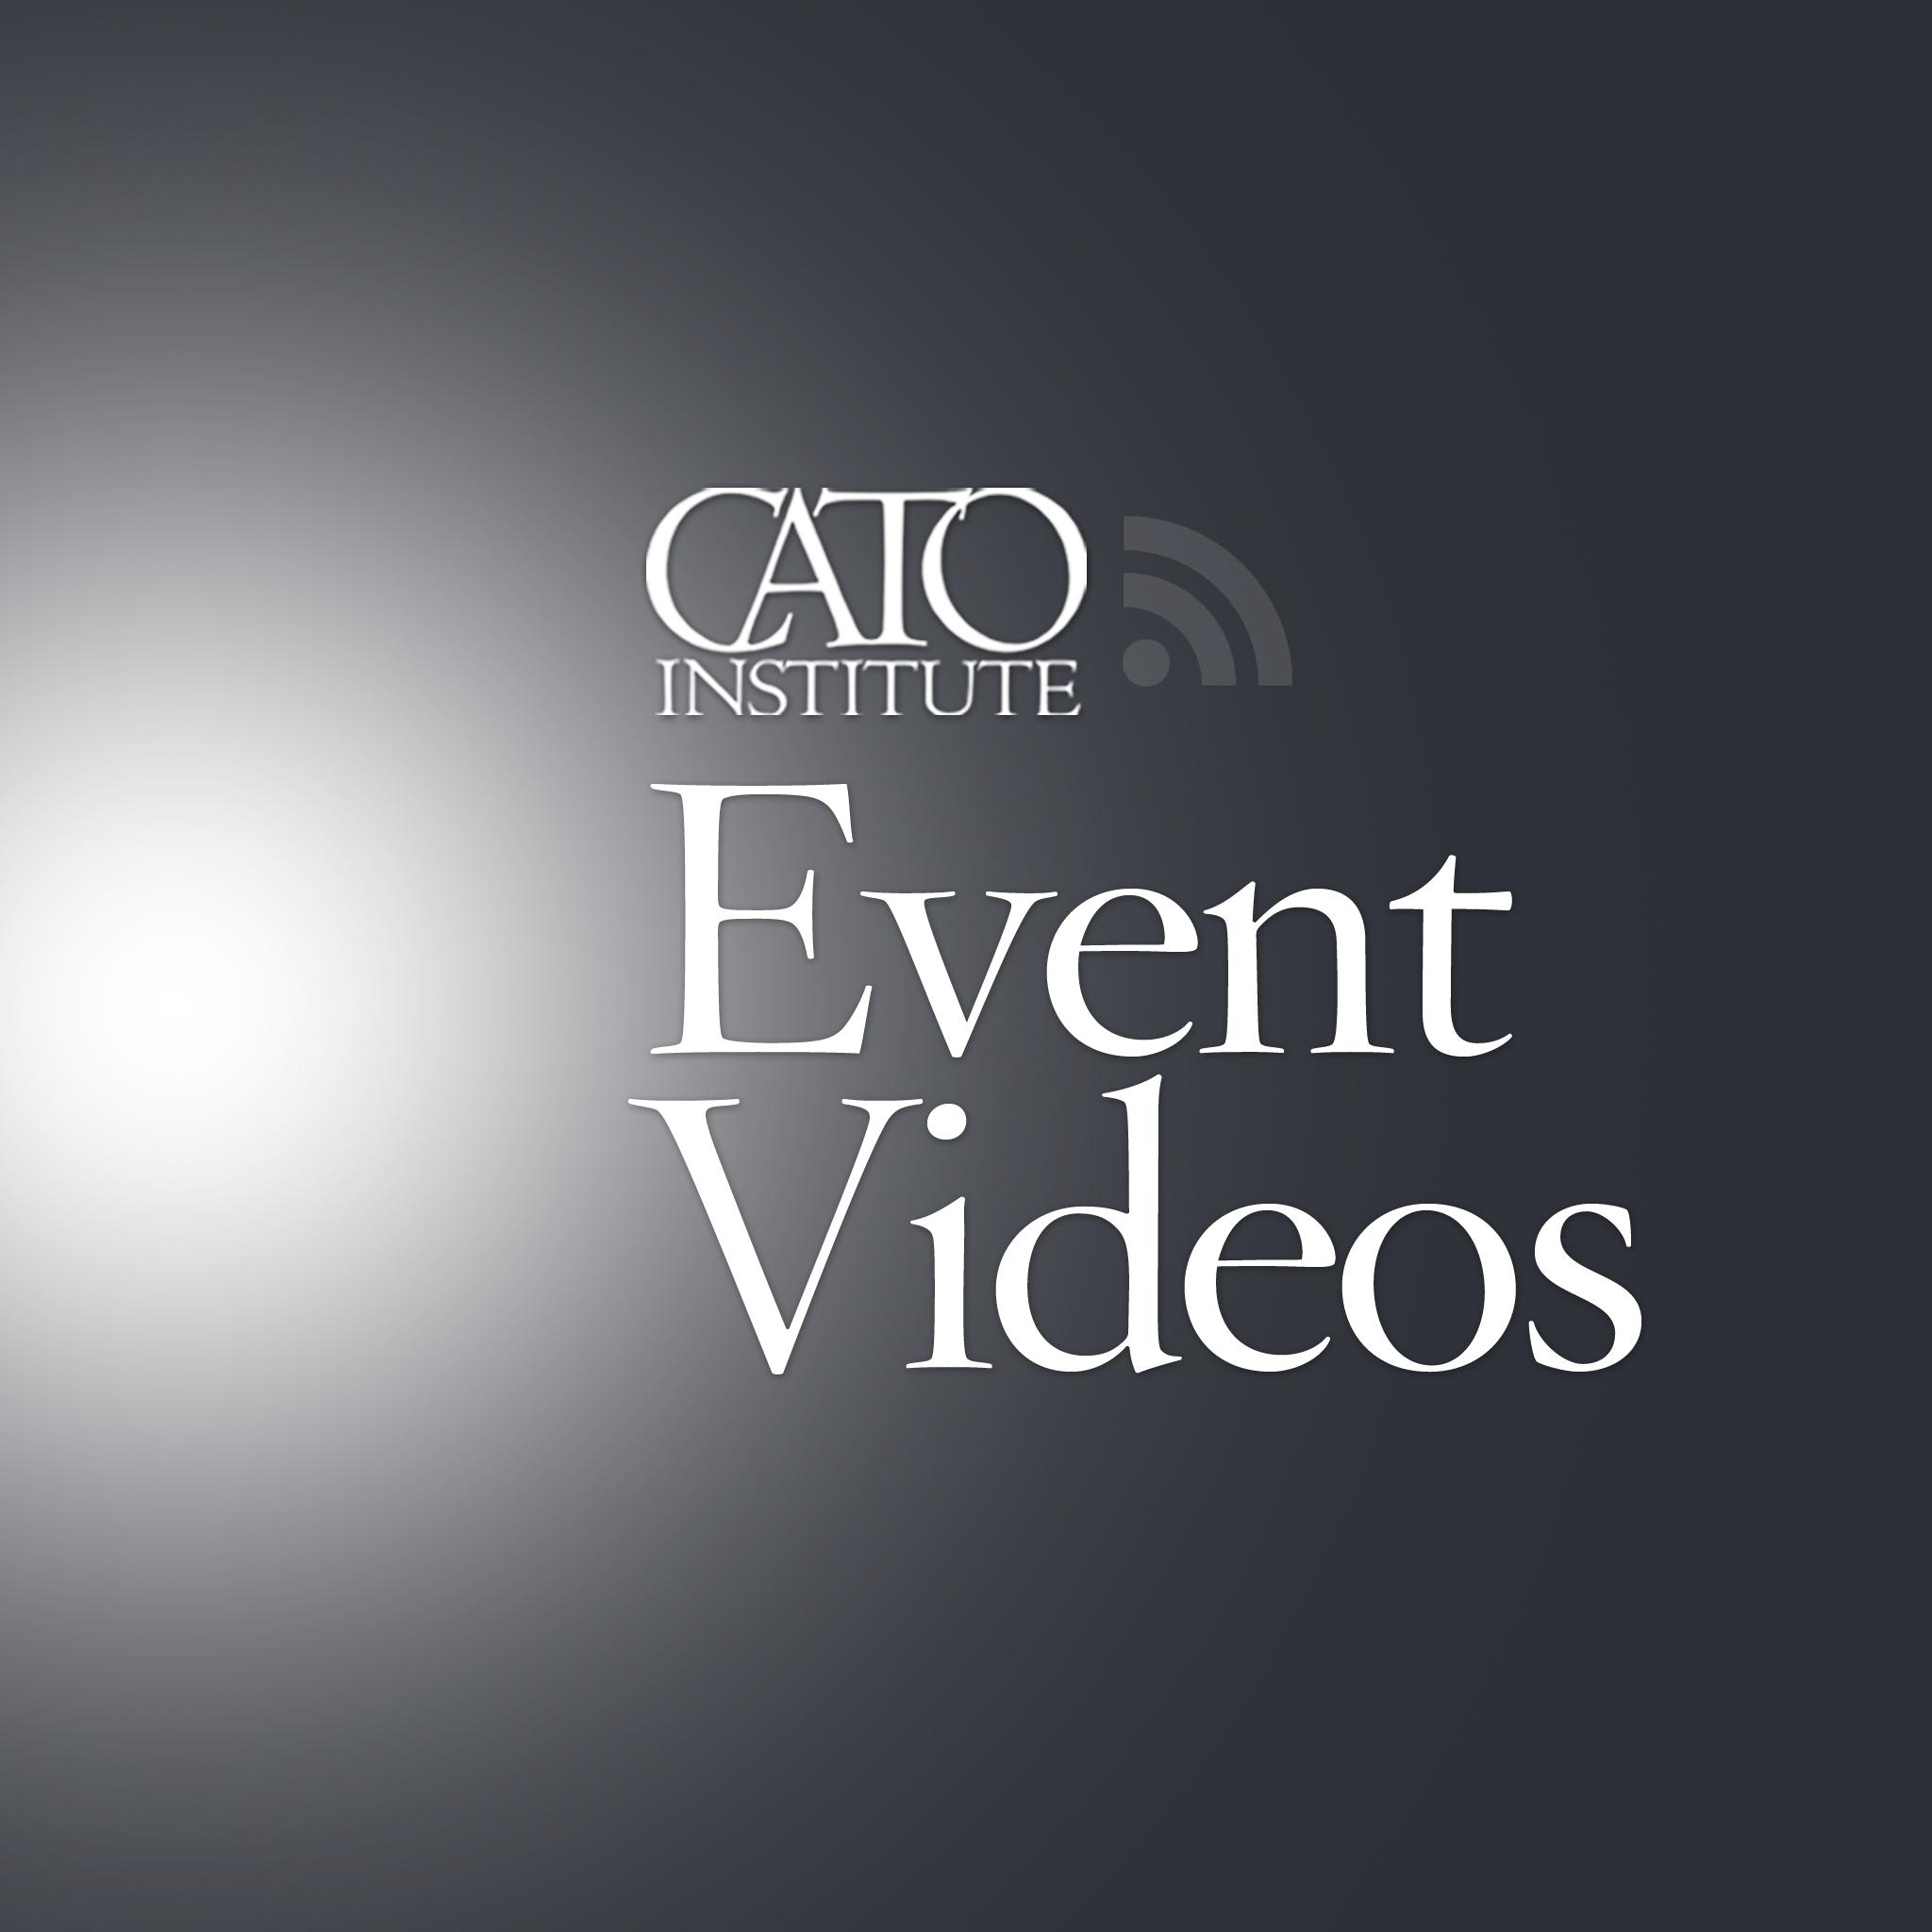 Cato Institute Event Videos (Full)